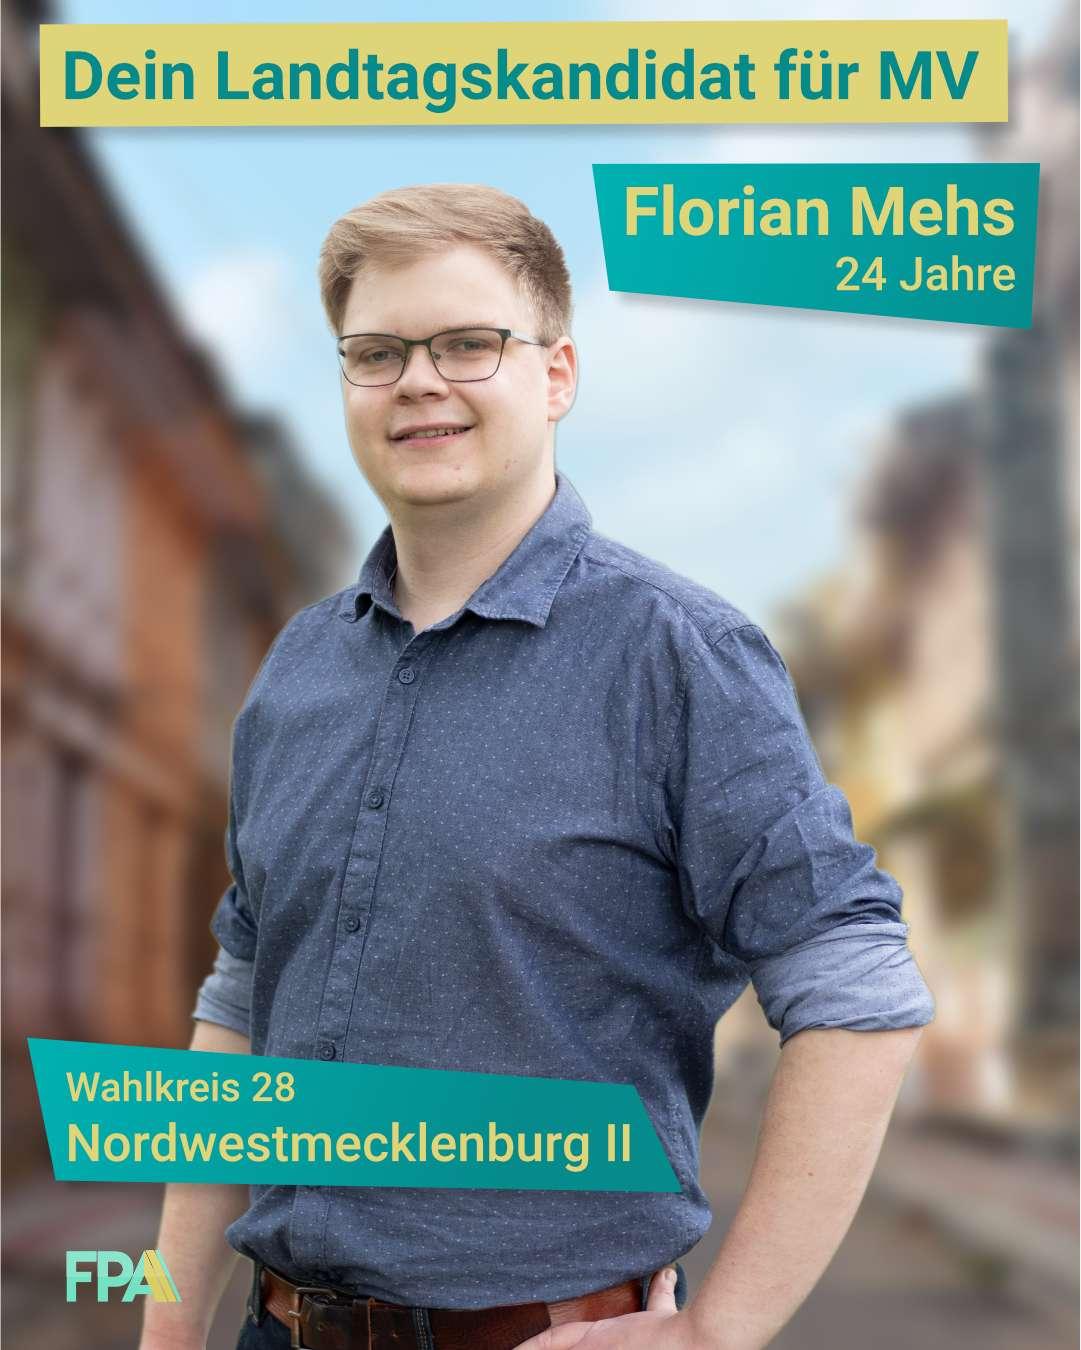 Florian Mehs